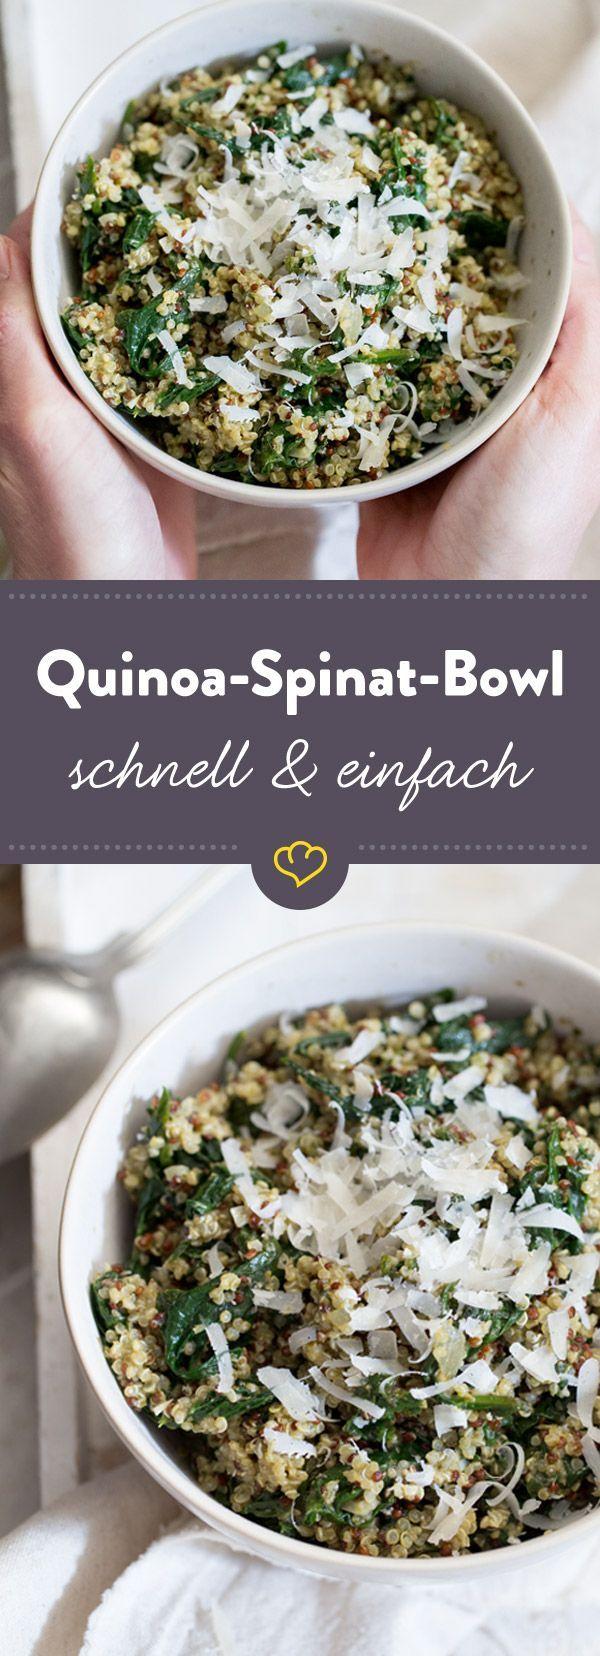 Quick Quinoa Spinach Bowl with Pesto -